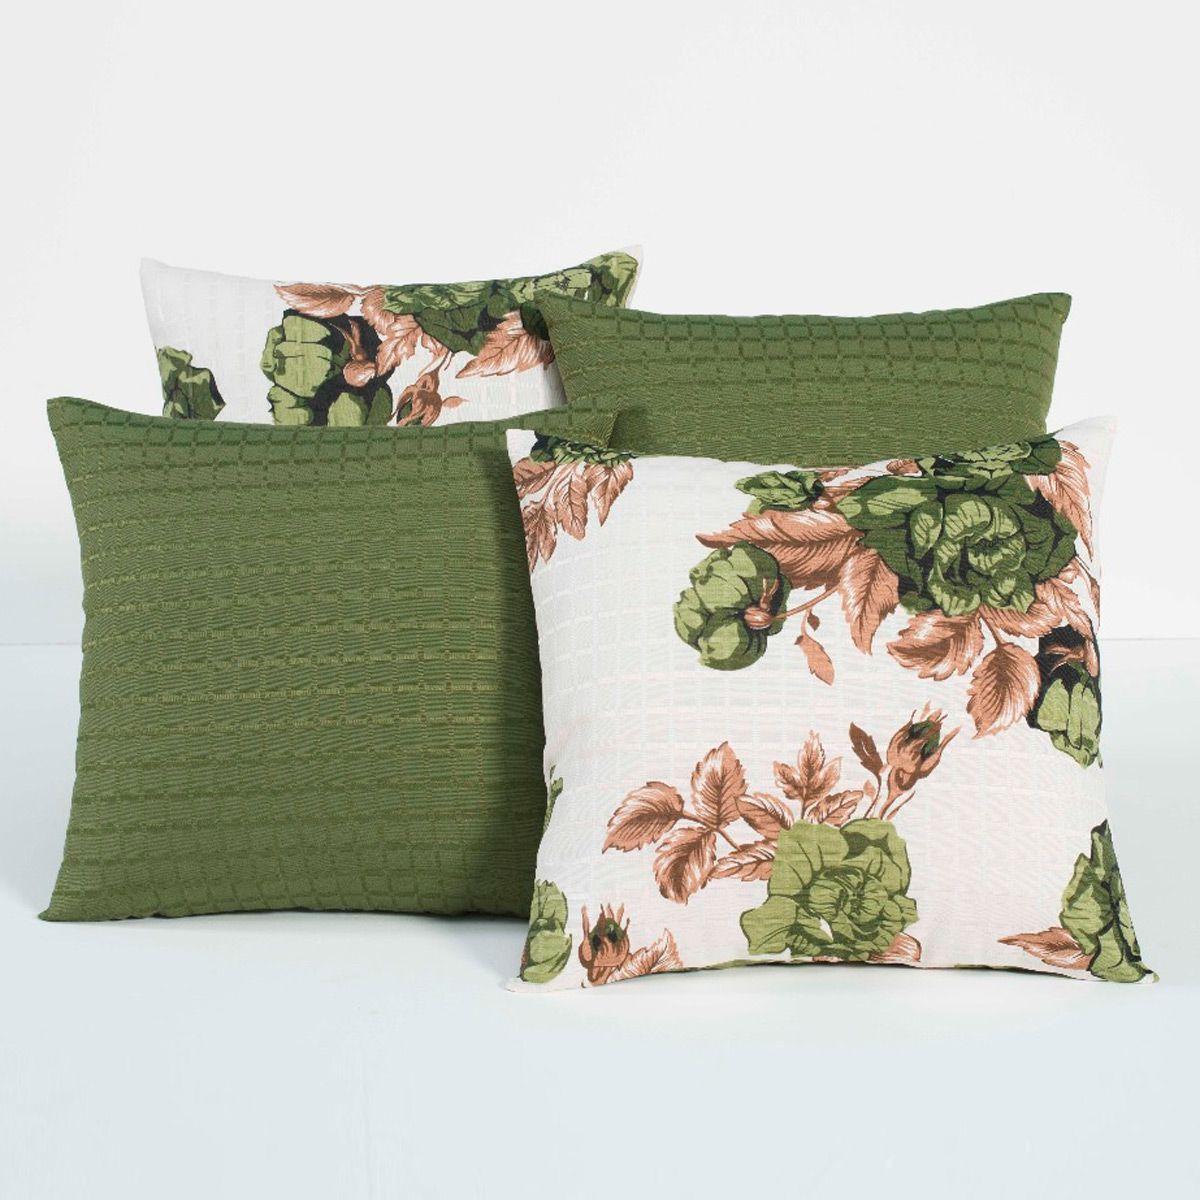 Almofadas Decorativas Floral Verde 04 Peças c/ Refil